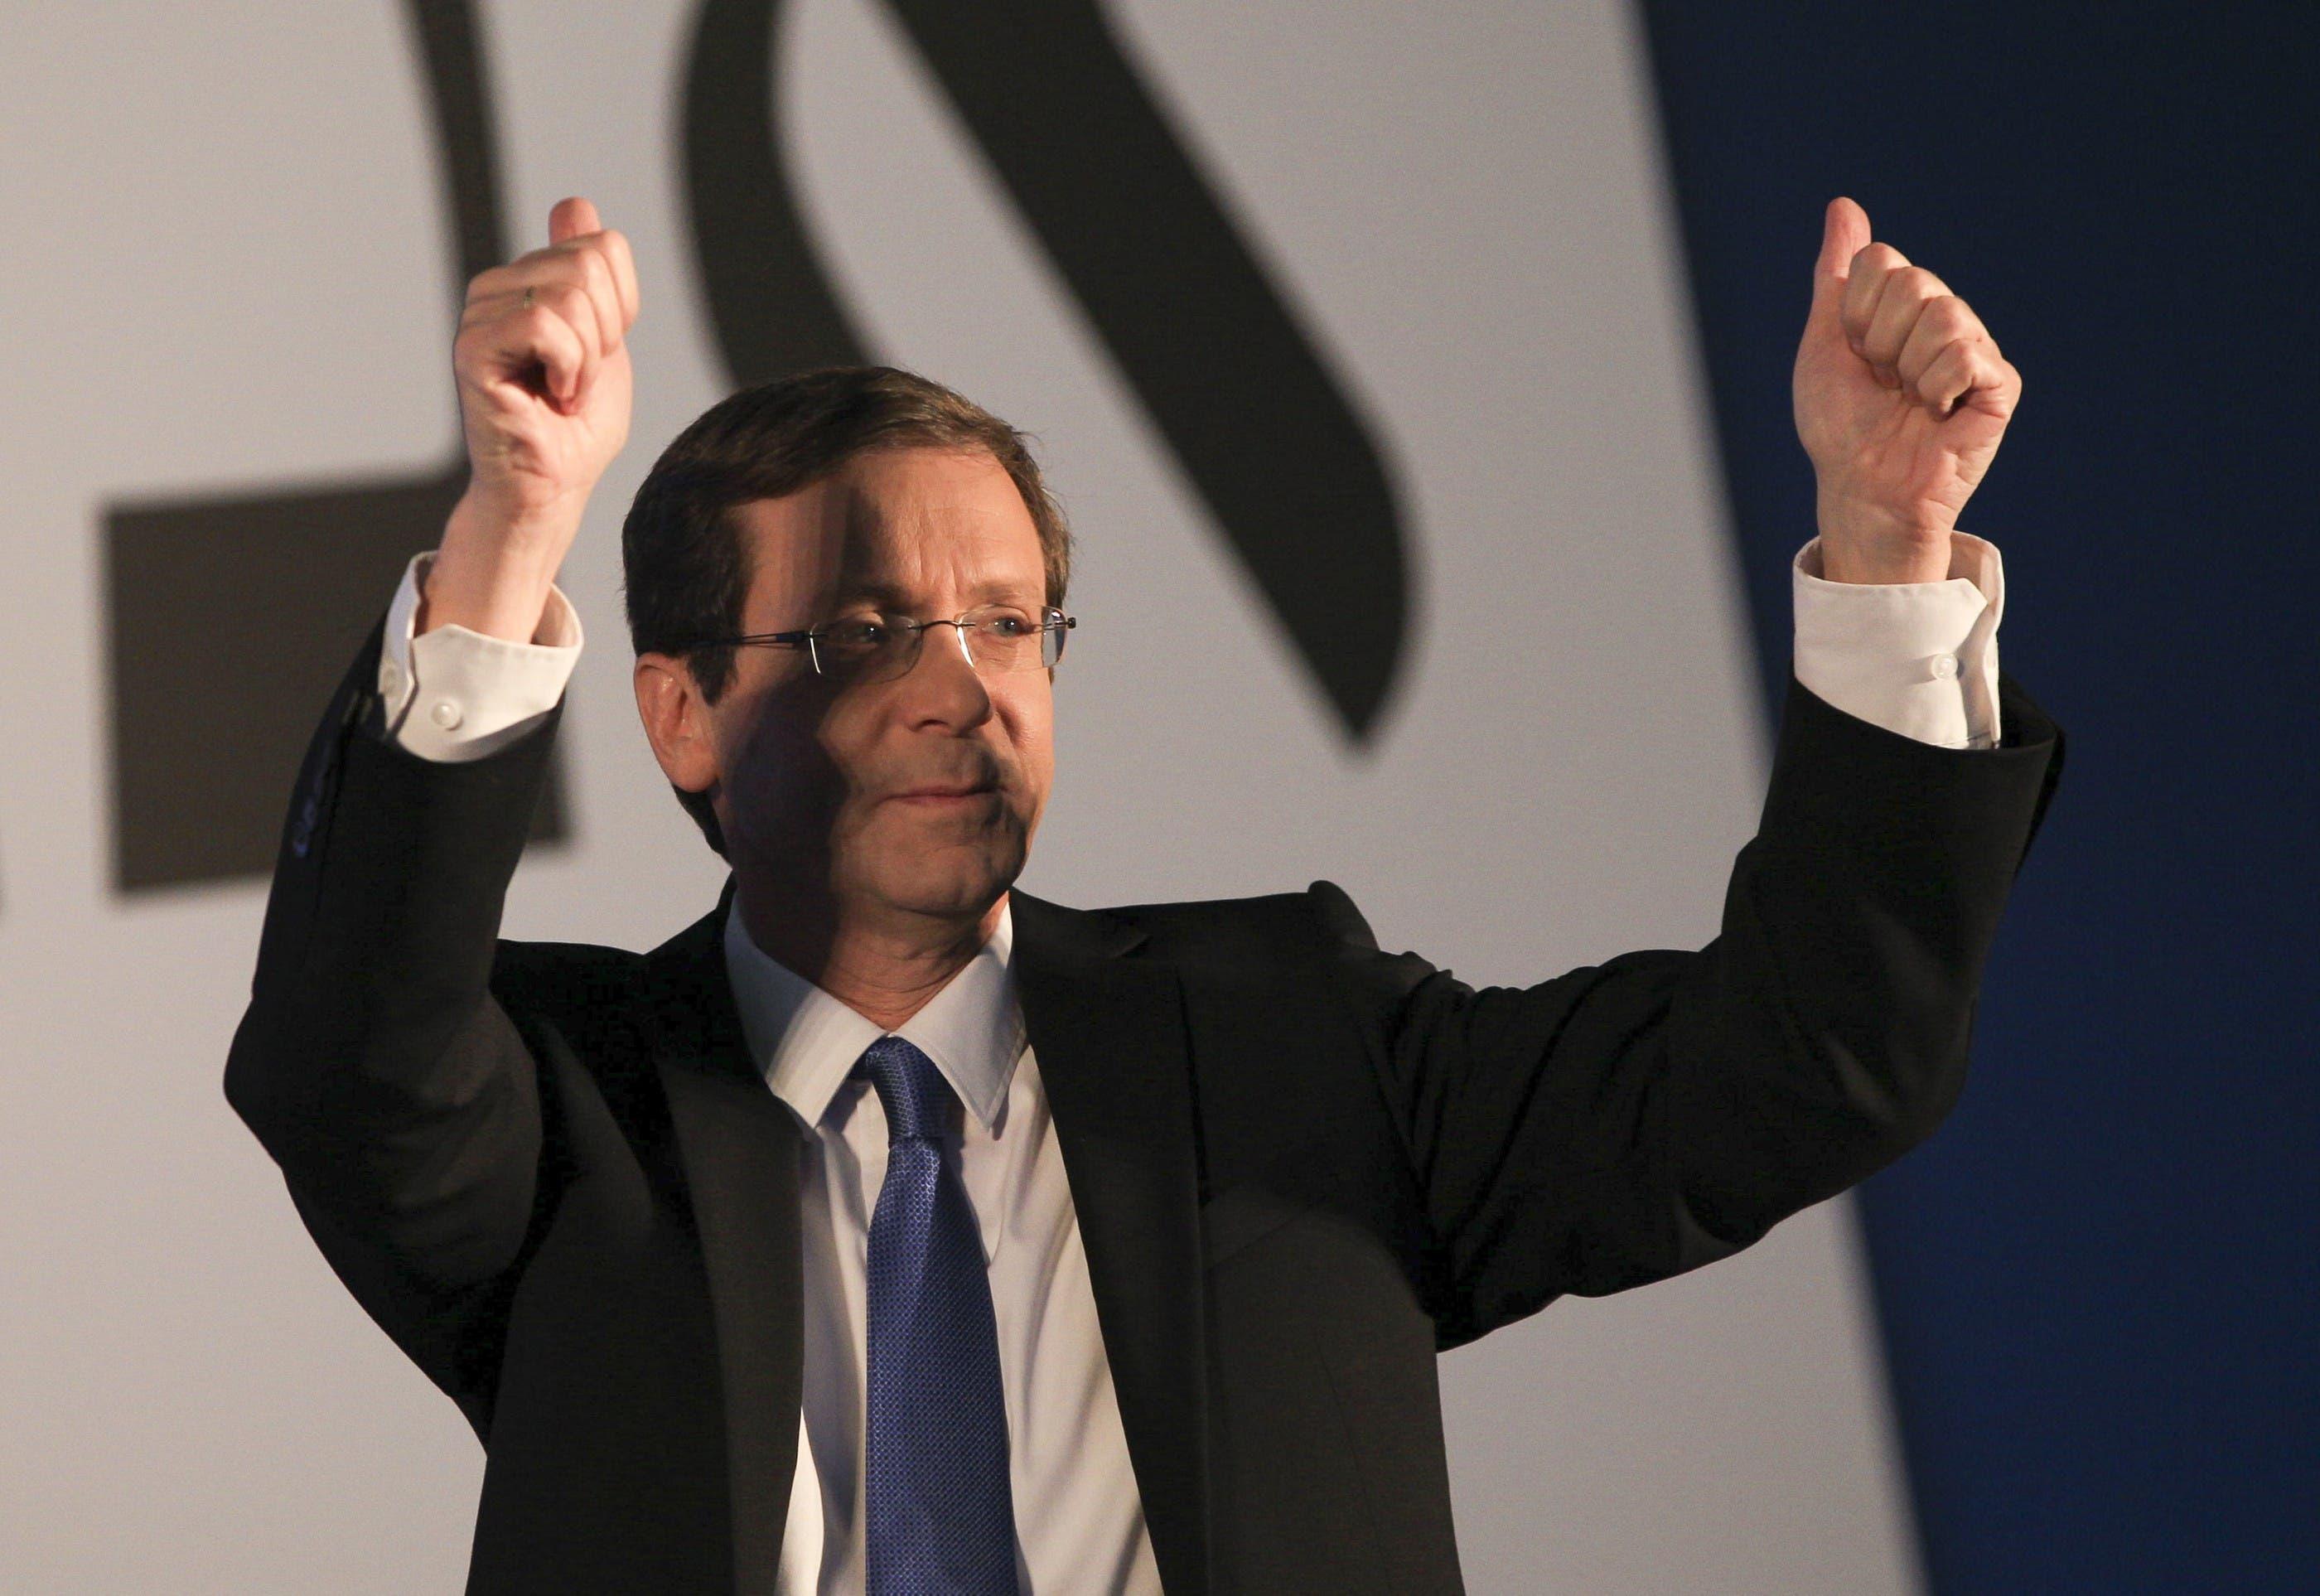 Oppositionsführer Jizchak Herzog räumt die Niederlage ein und gratuliert Netanjahu zum Sieg